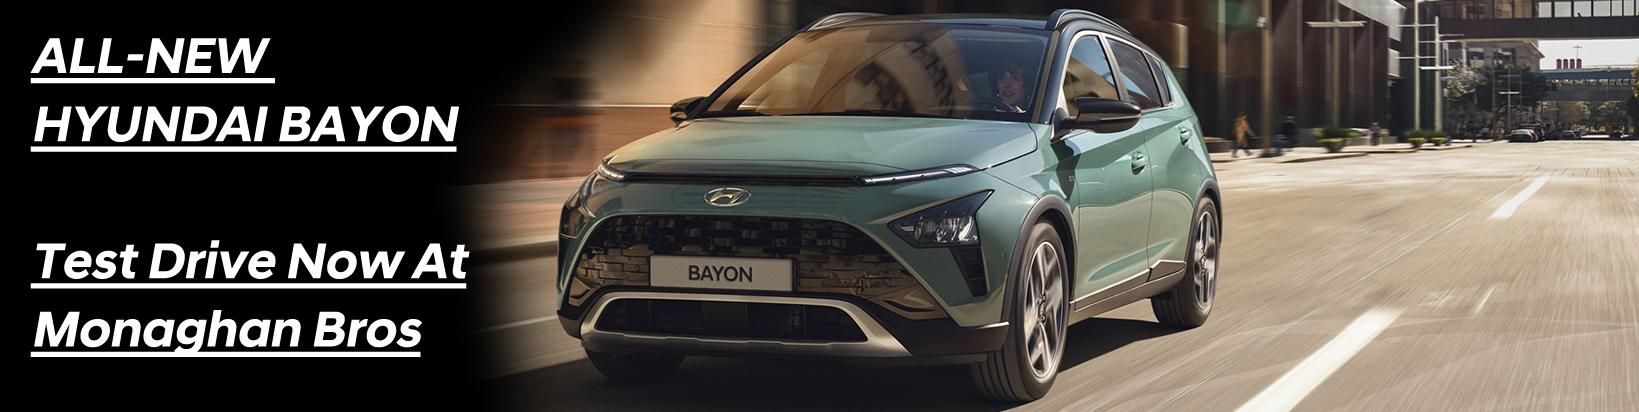 Hyundai All New Bayon